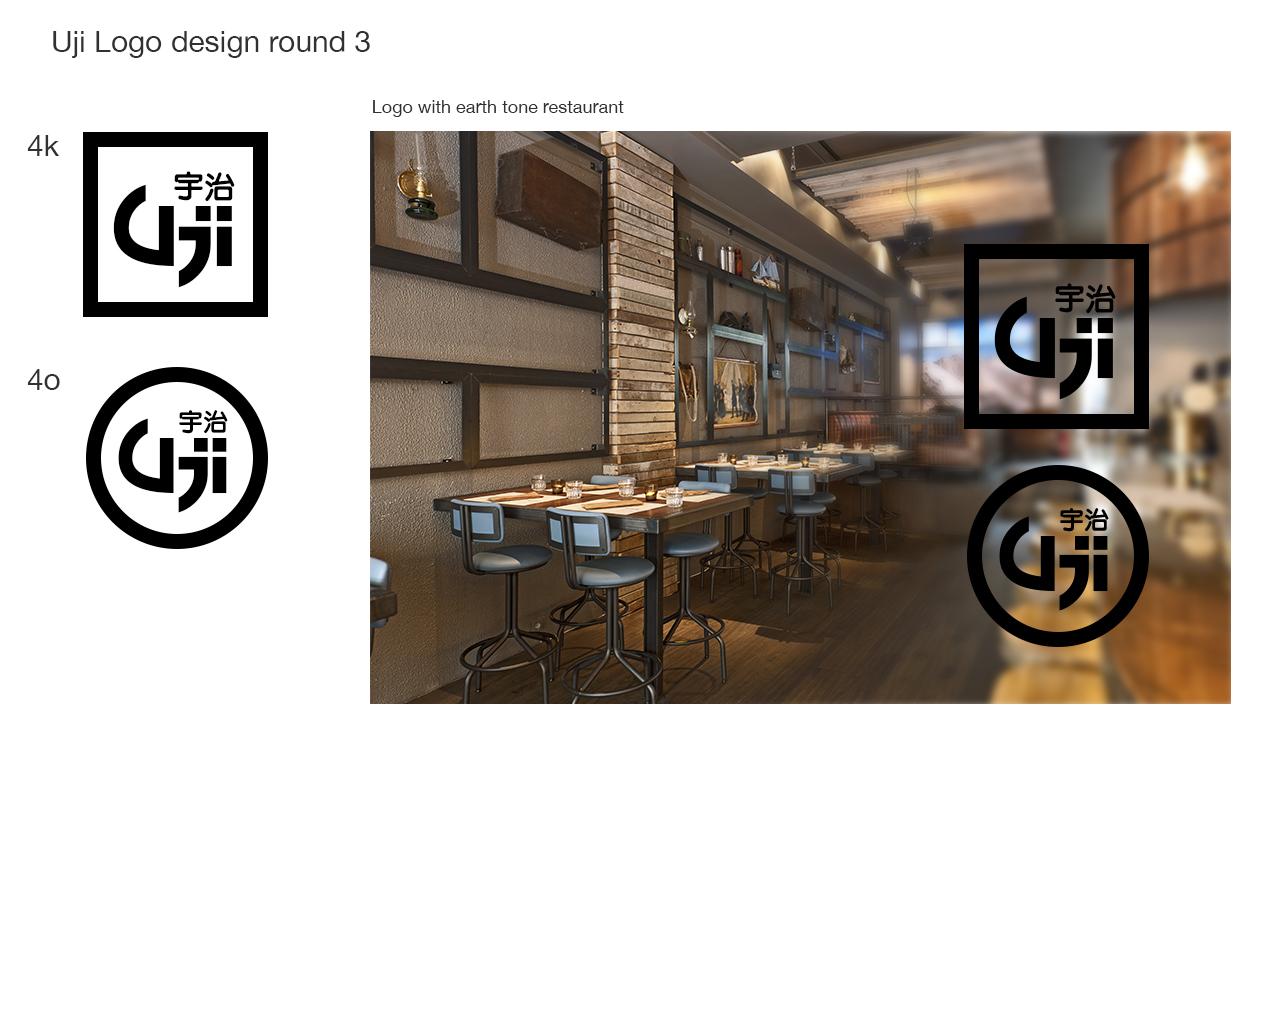 uji_logo_design_r3_page1